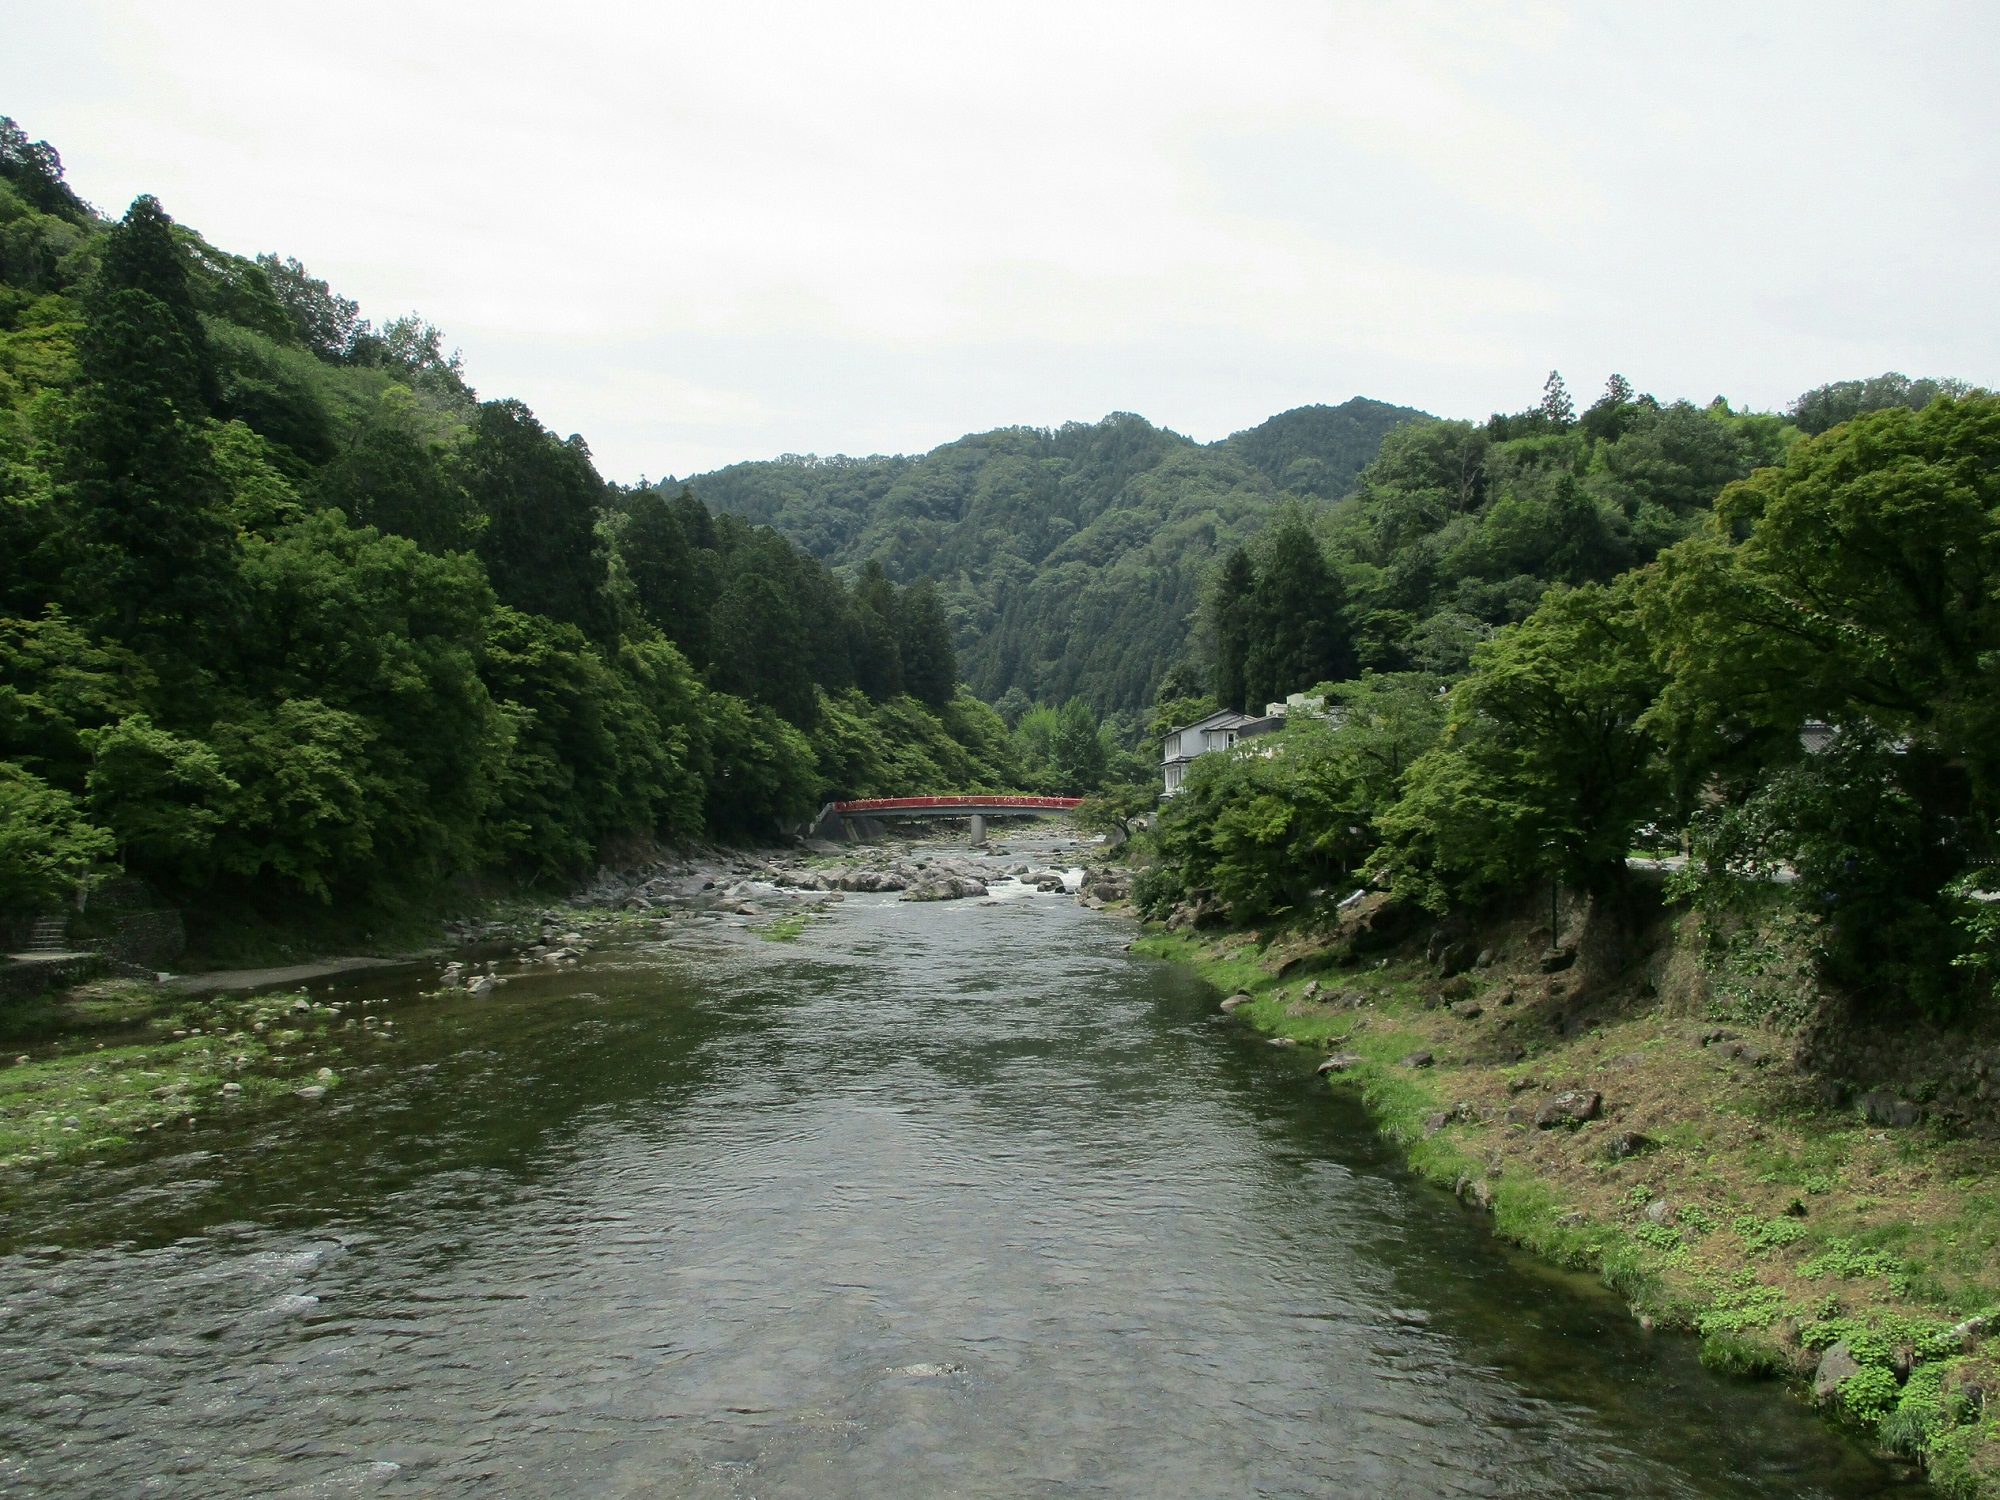 2018.6.22 (78) 足助 - 巴橋 2000-1500